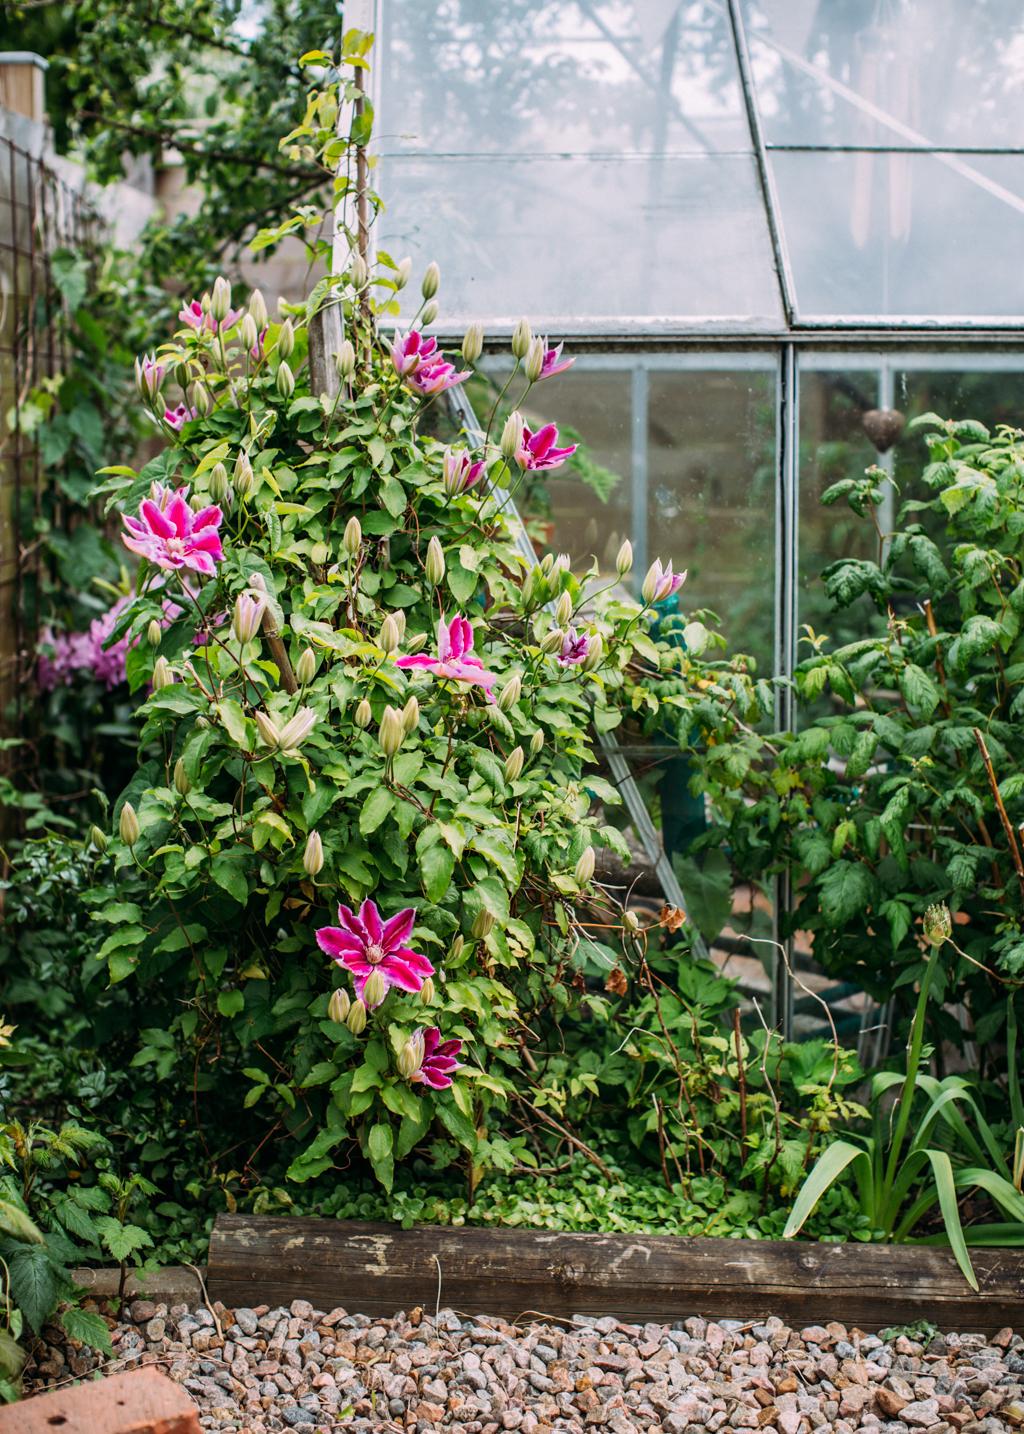 garden_kristin lagerqvist-4191